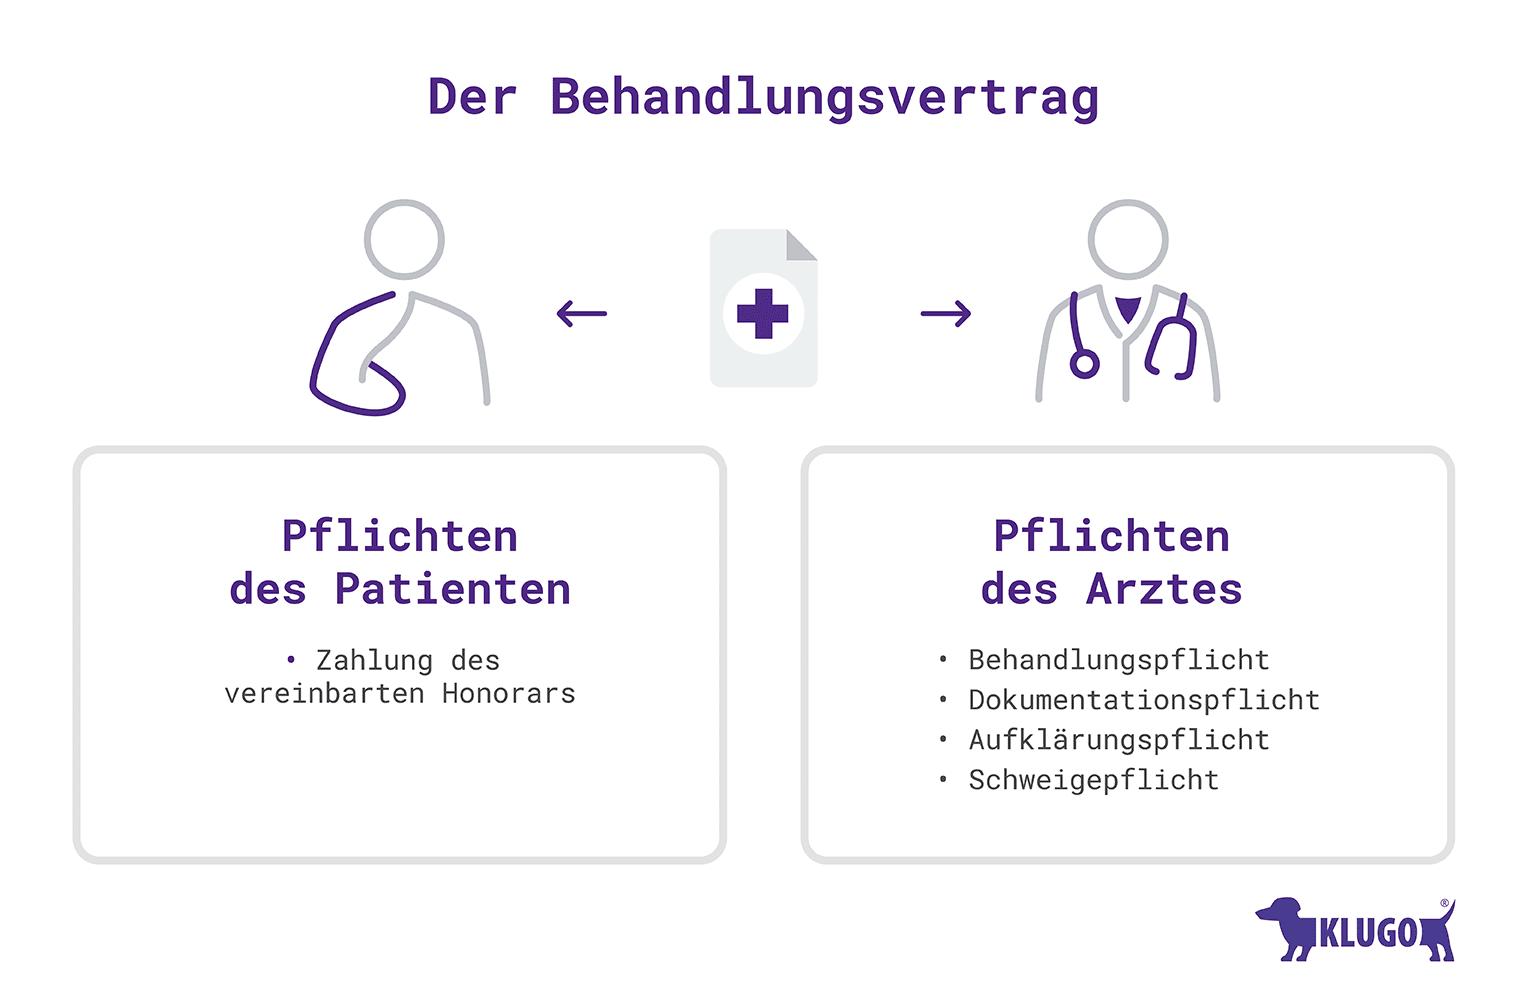 Behandlungsvertrag Zwischen Arzt Patient Klugo